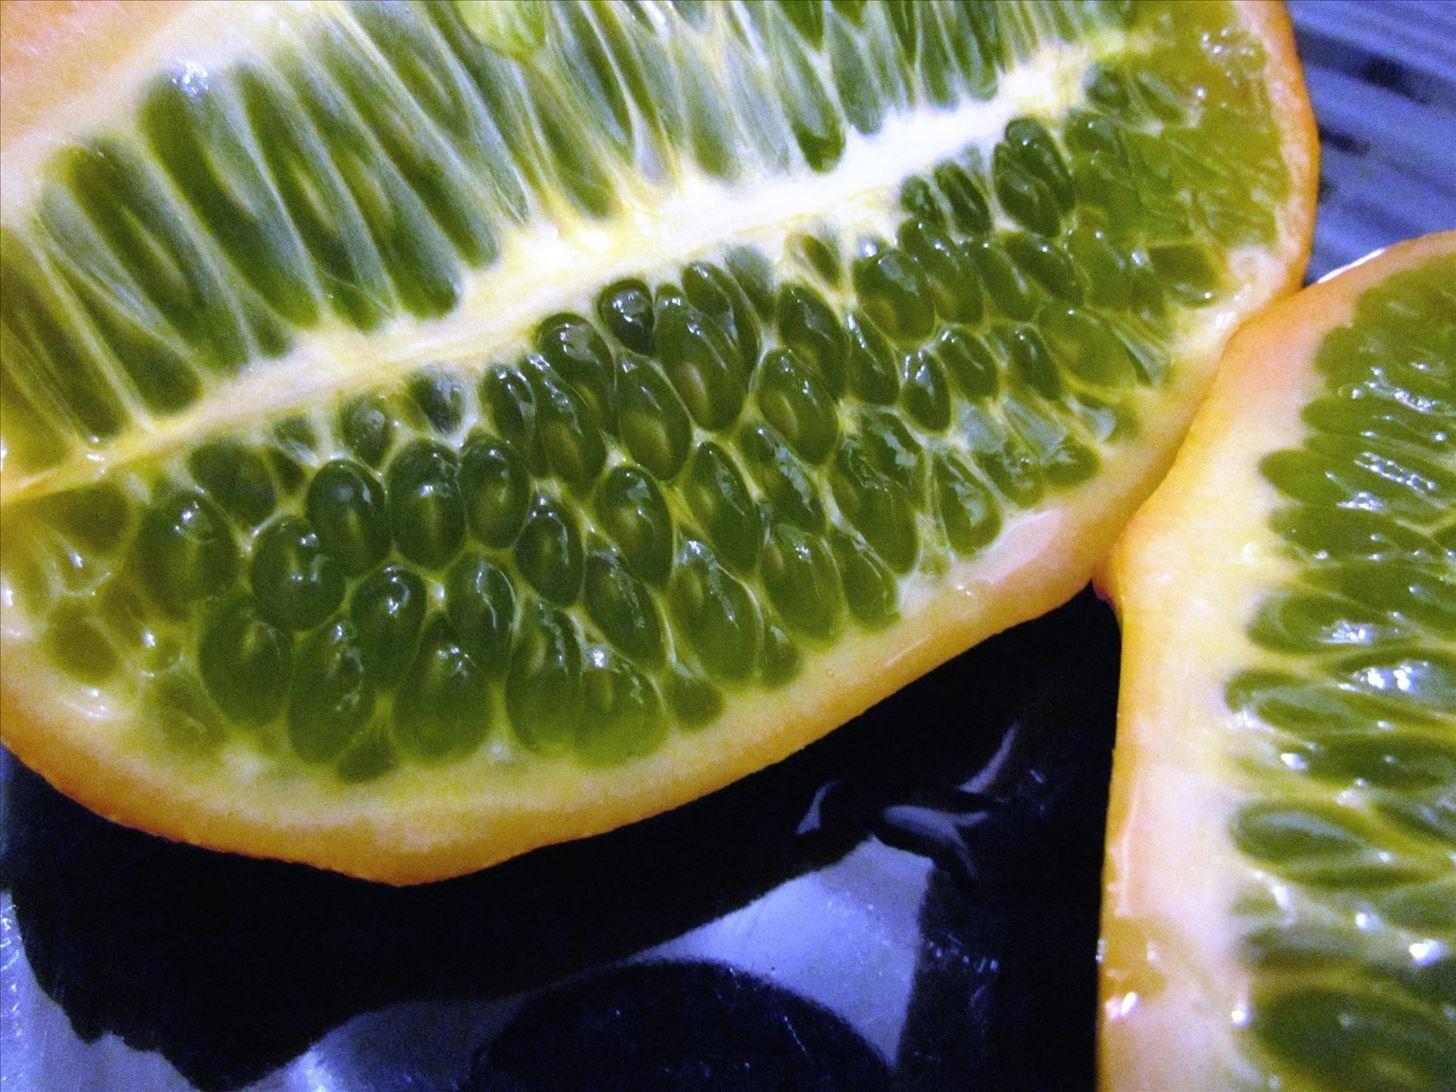 Weird Ingredient Wednesday: The Alien Melon from Star Trek